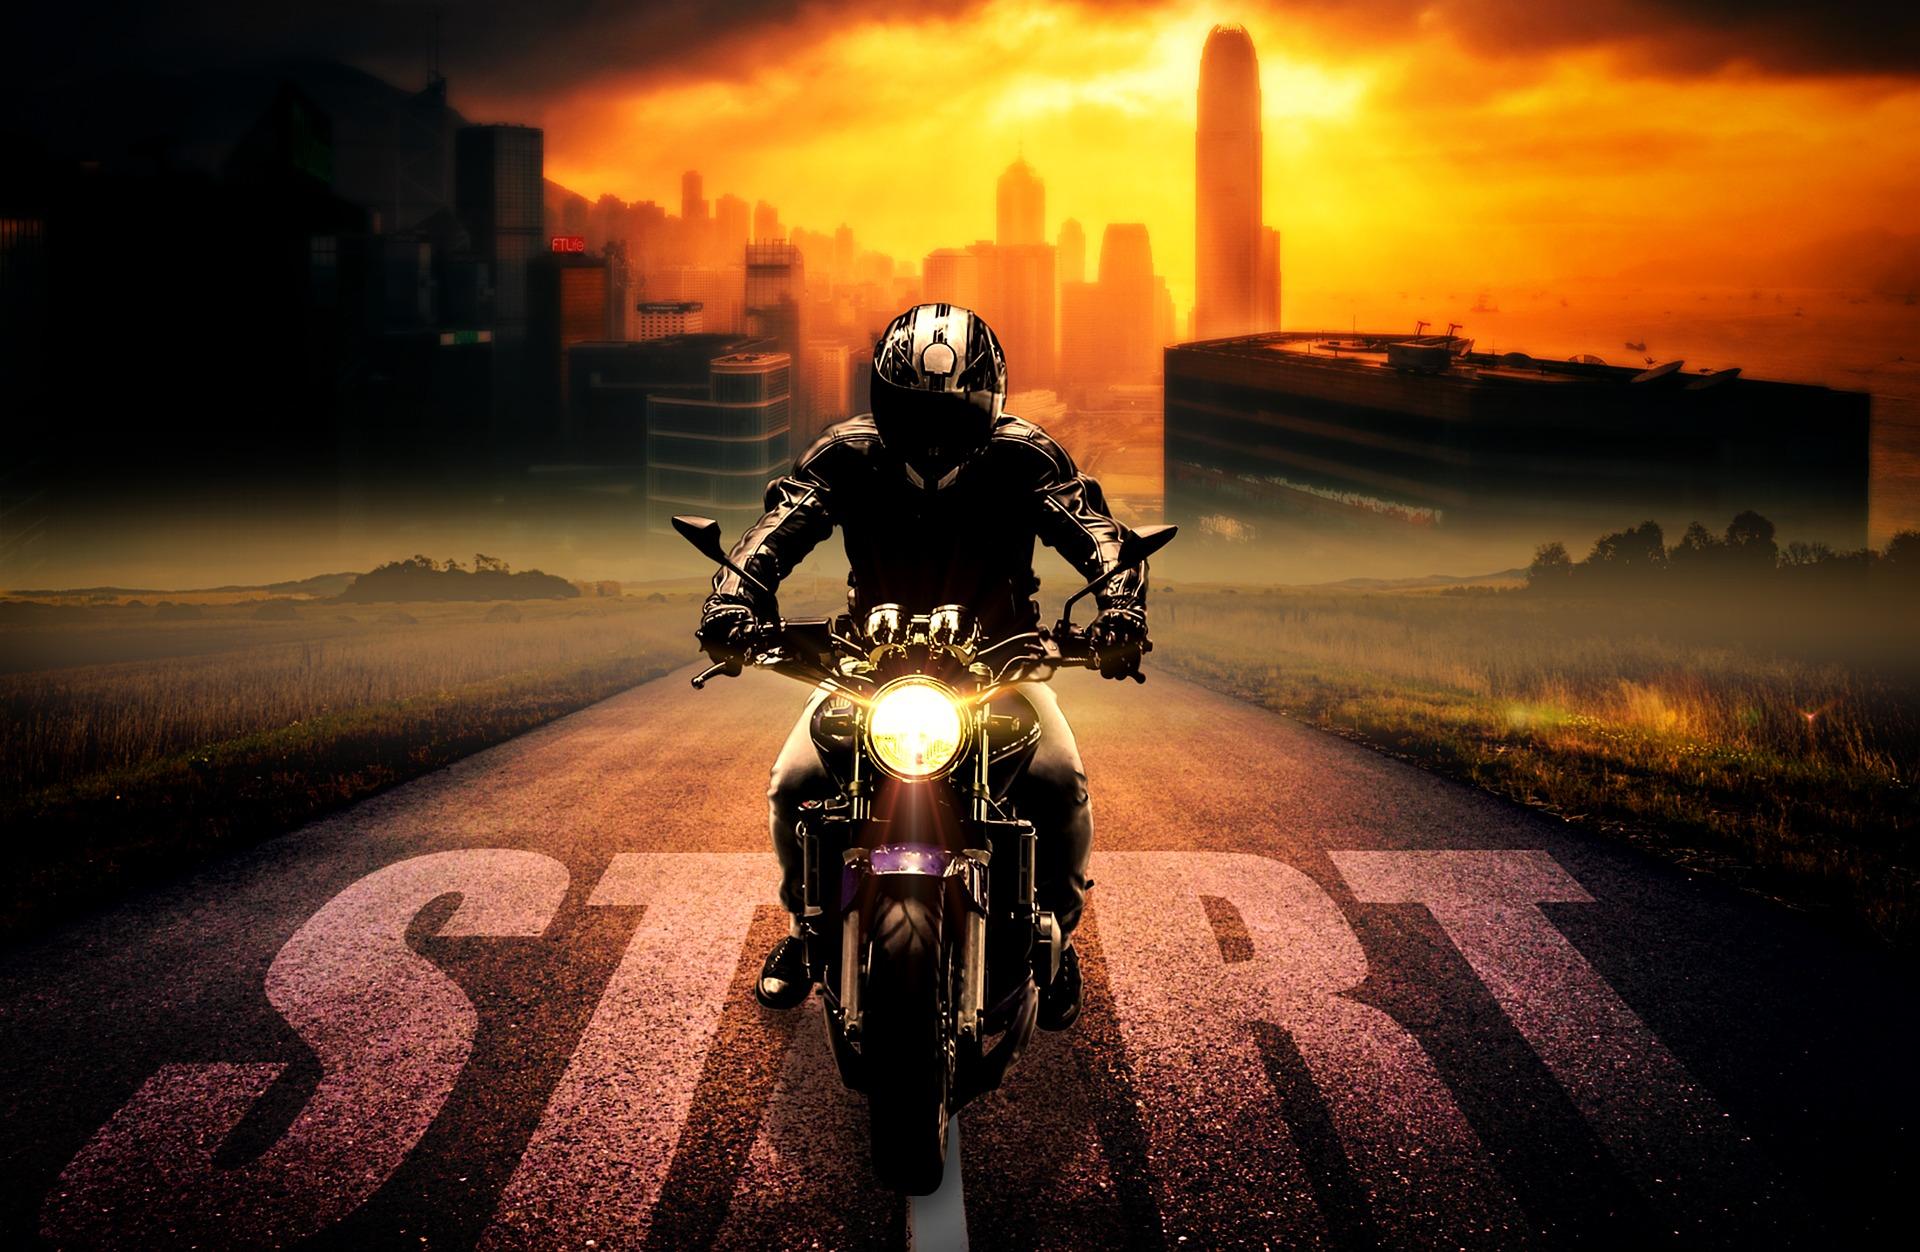 Mit einem Fahrrad-/Motorradgeschäft selbstständig machen